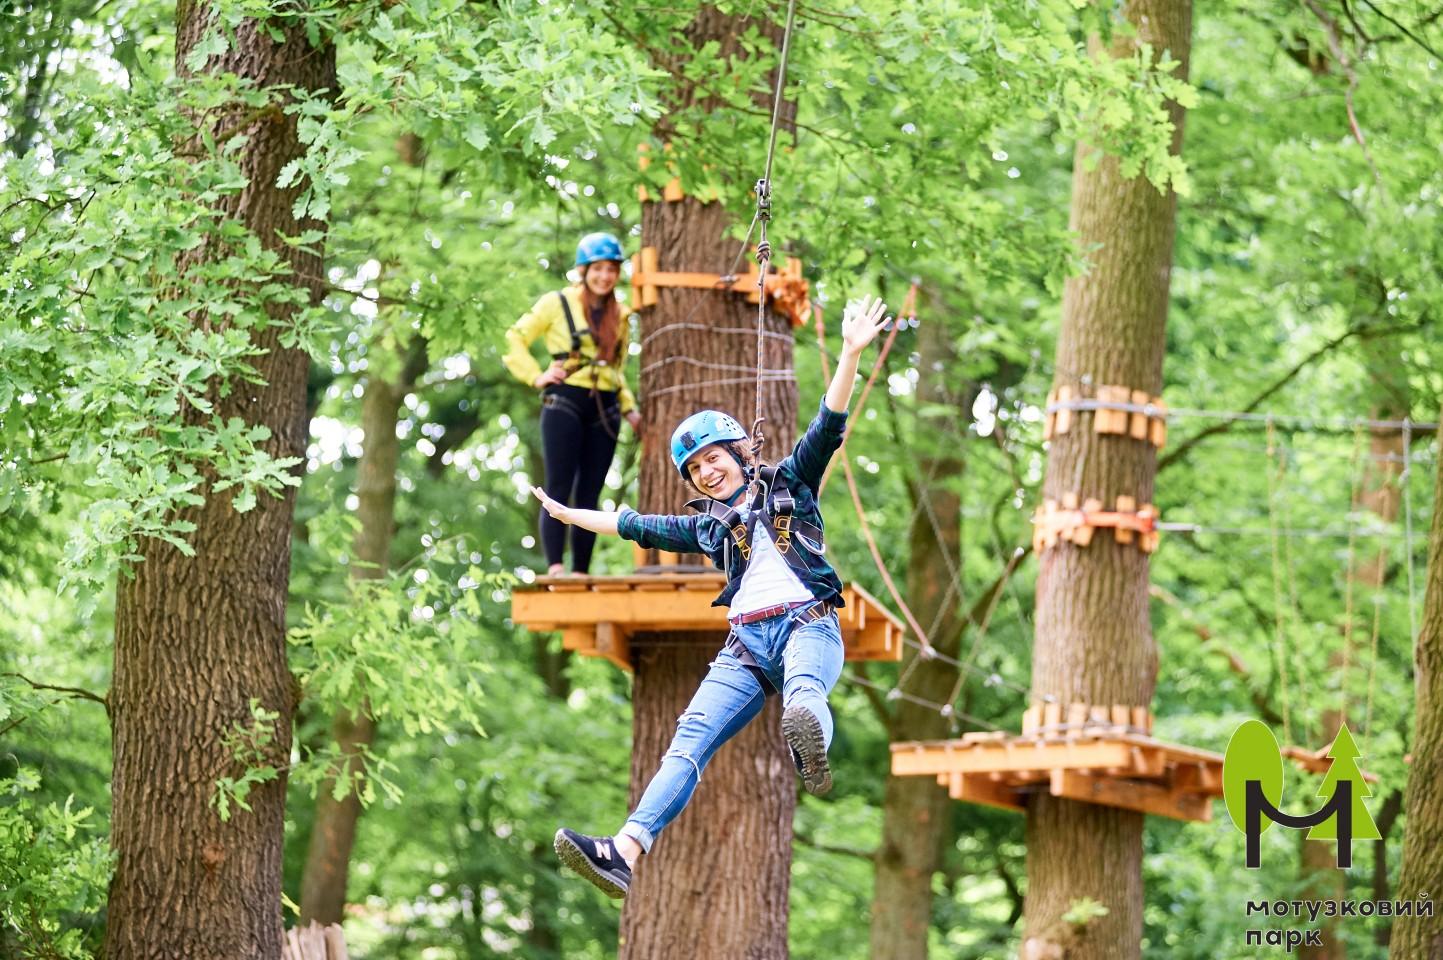 Найкращі ідеї для активного дитячого відпочинку в Івано-Франківську